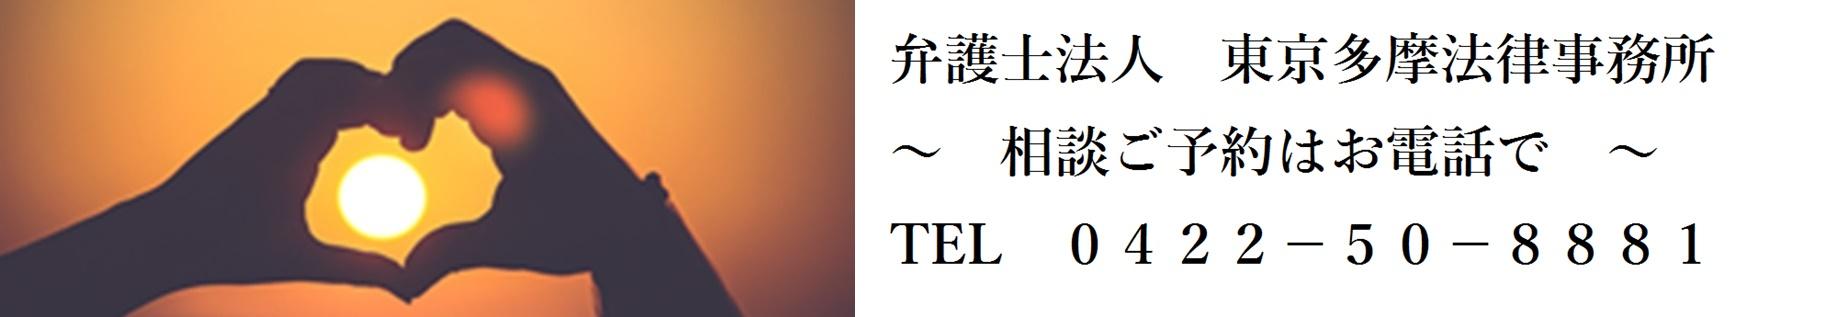 弁護士法人 後藤東京多摩法律事務所~相談ご予約はお電話で~   TEL0422-50-8881